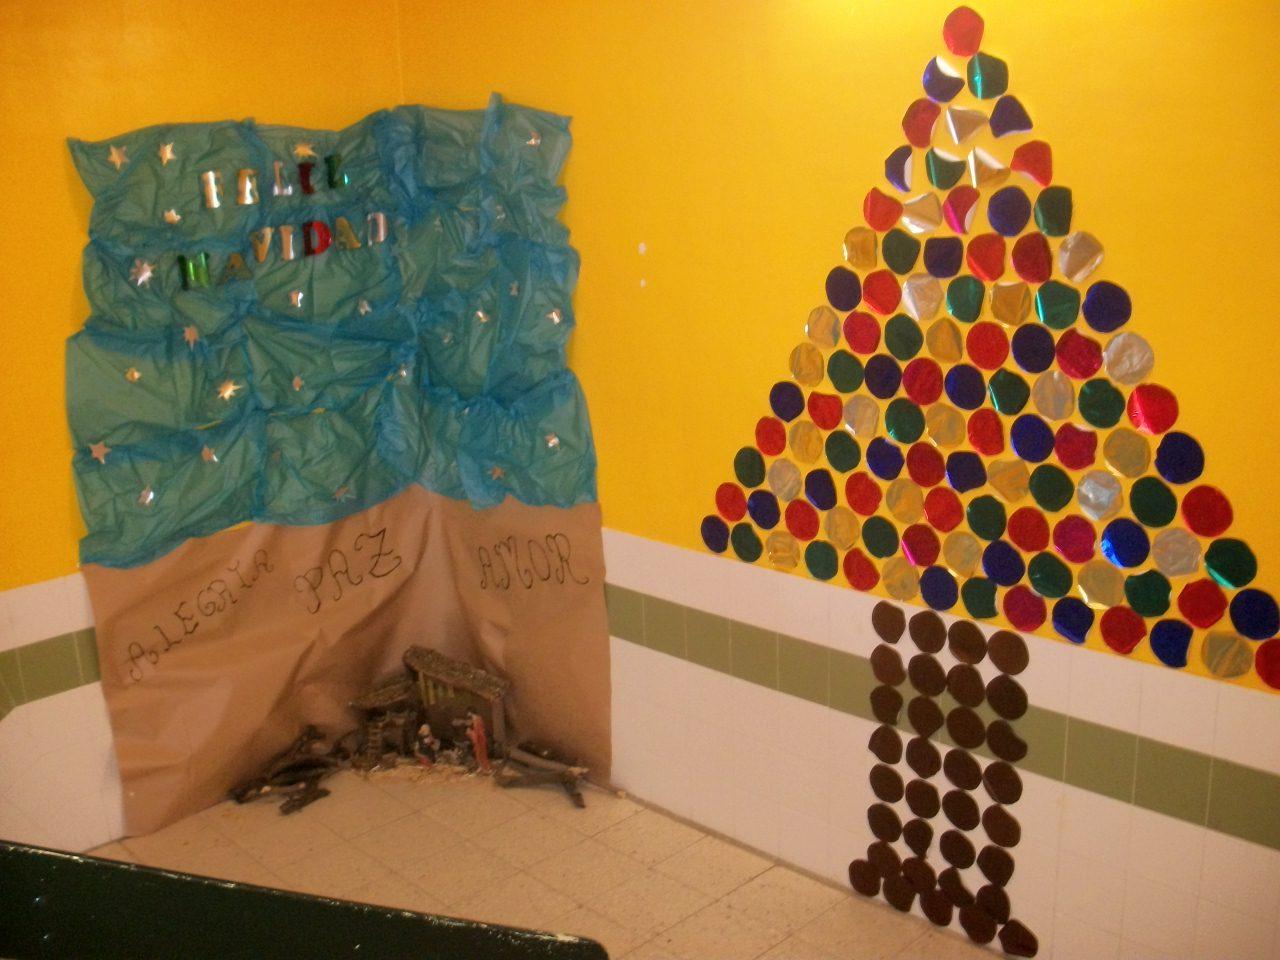 Salon De Clases Decorado De Navidad ~ viernes, 16 de diciembre de 2011